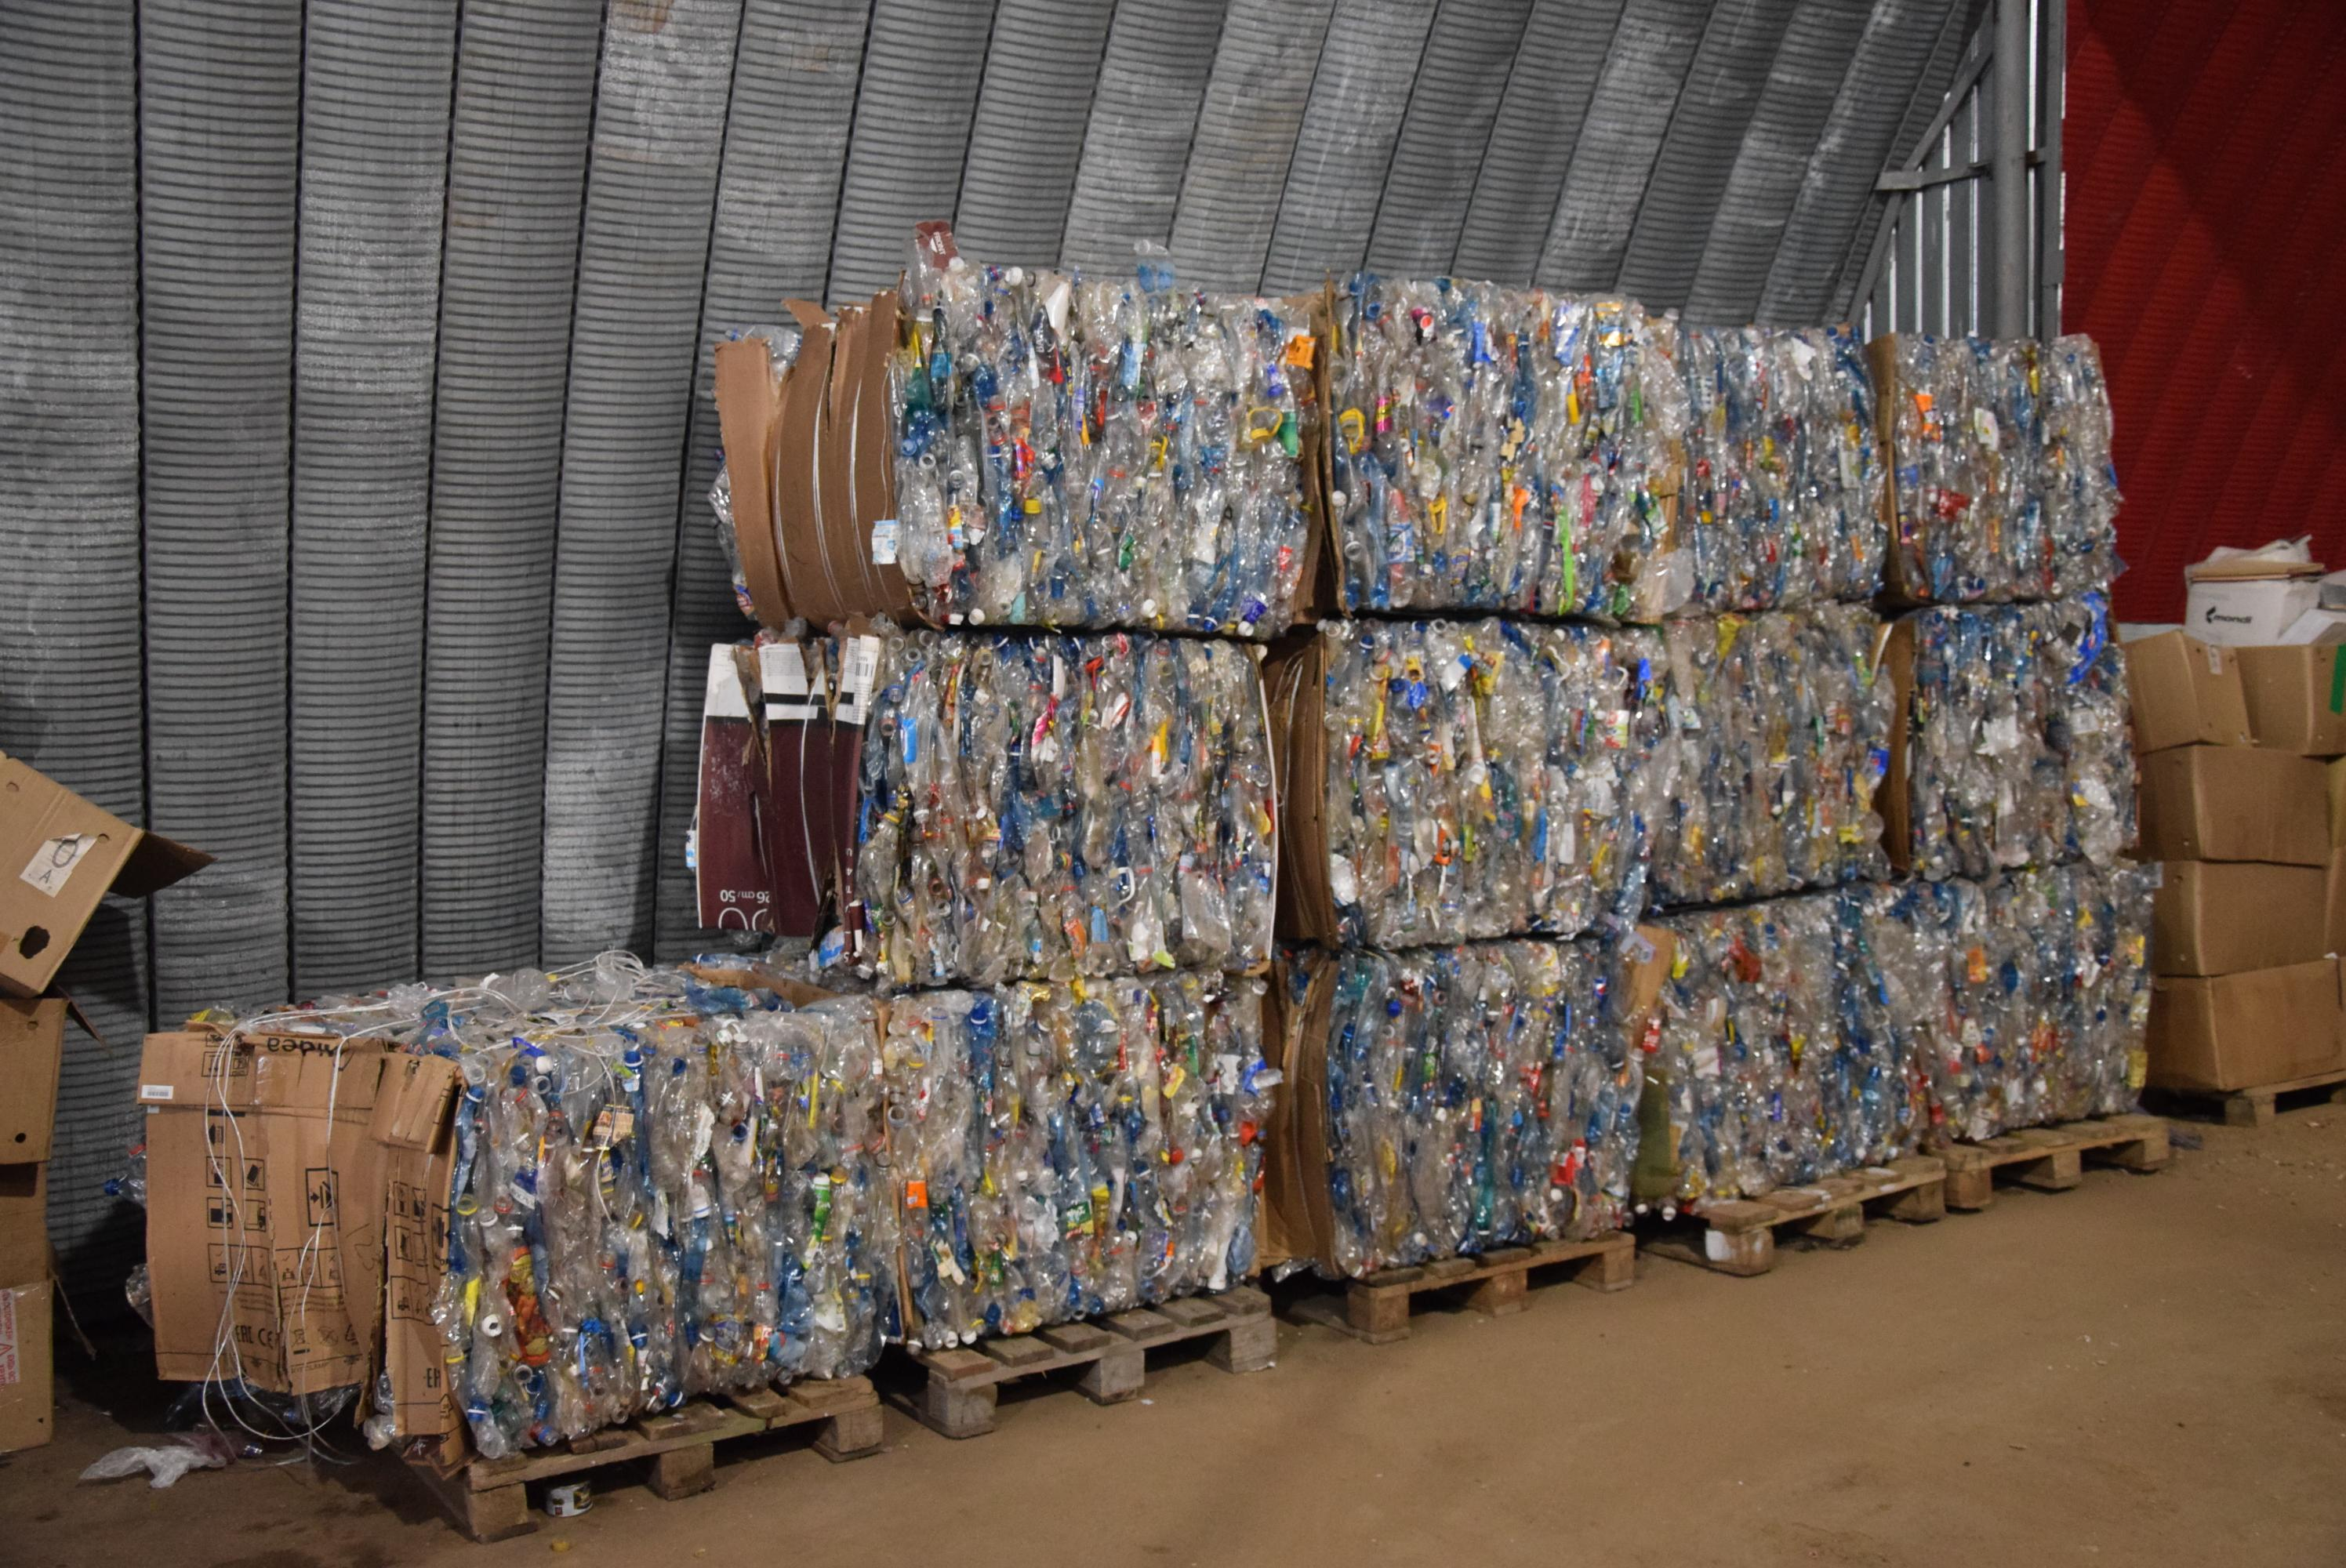 Сортировкой ипереработкой мусора вИркутской области могут заняться осужденные